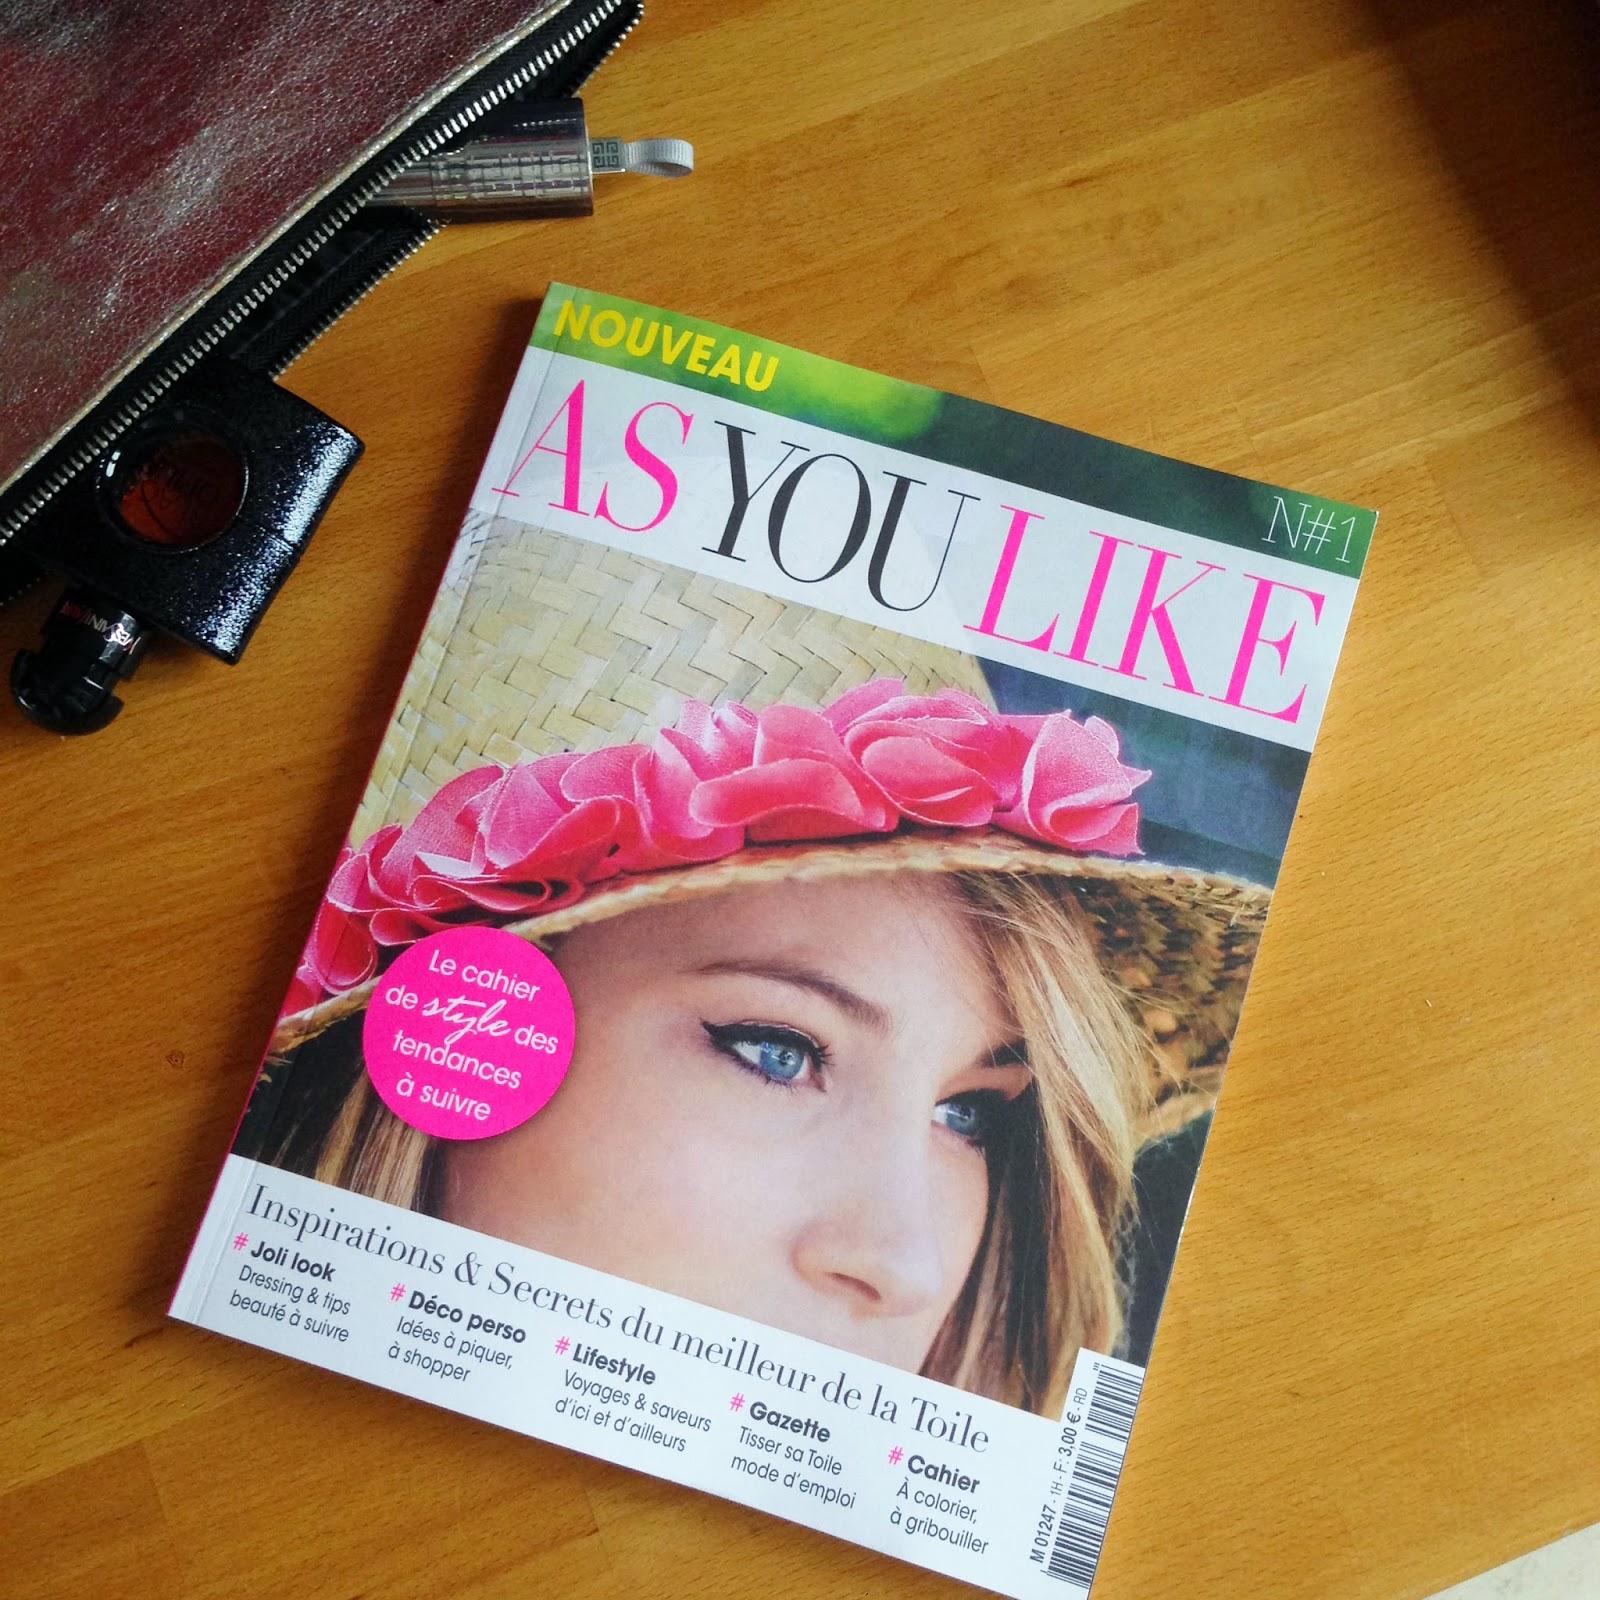 http://www.choupieandco.com/2015/04/as-you-like-le-magazine-tout-droit.html